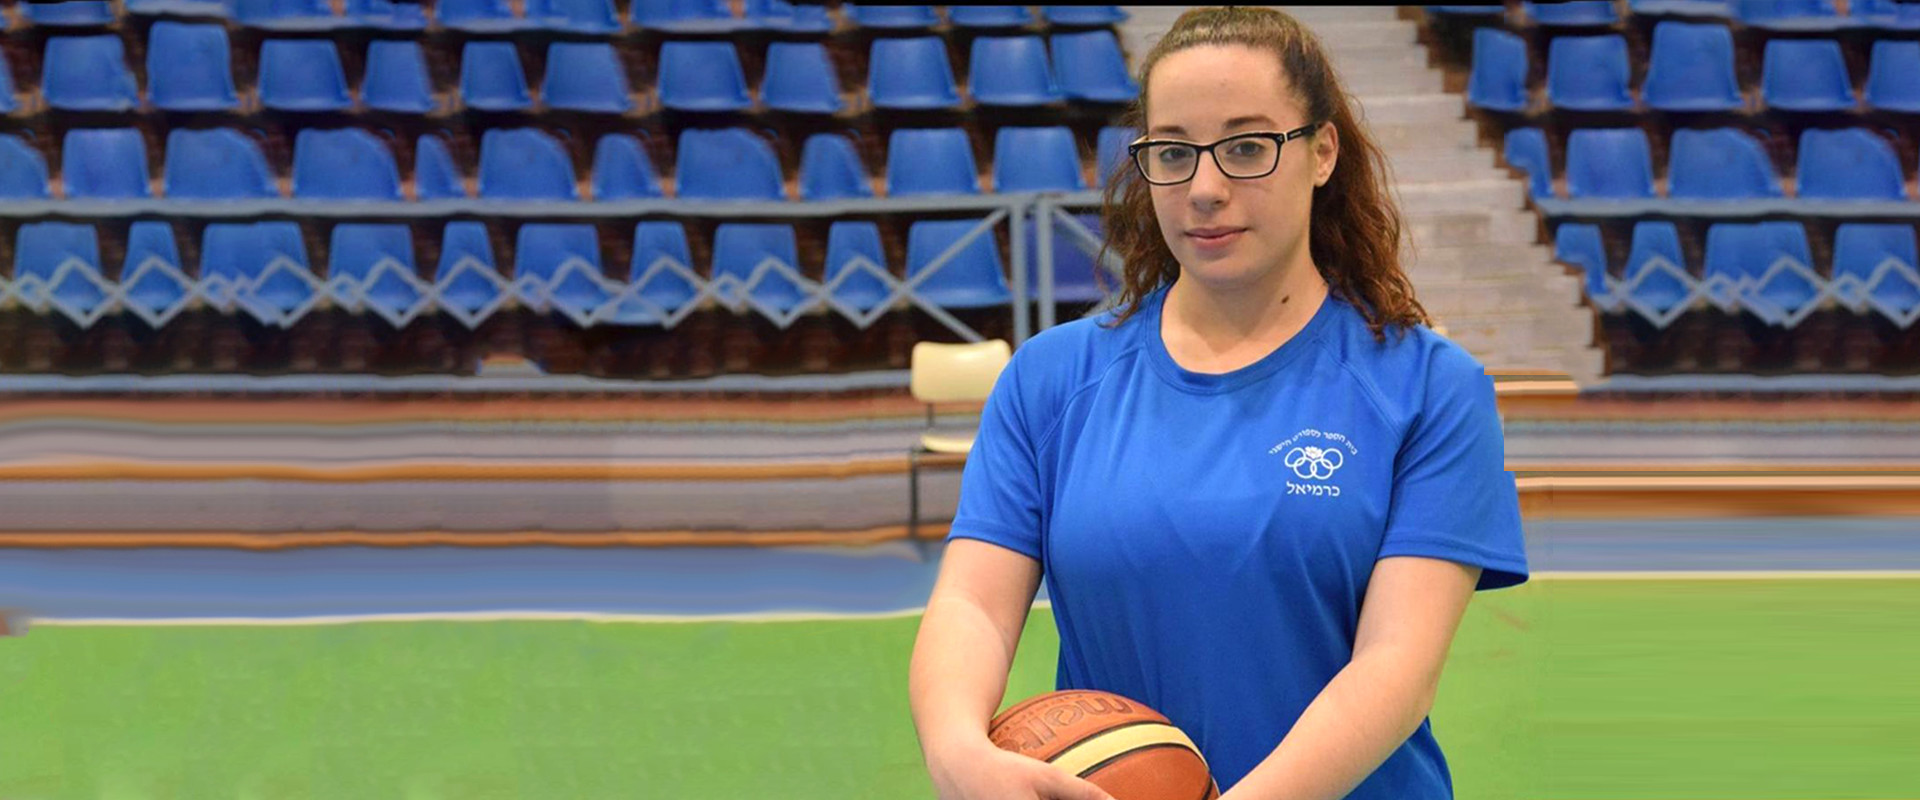 כדורסלנית צעירה שמשחקת למרות מחלה תורשתית